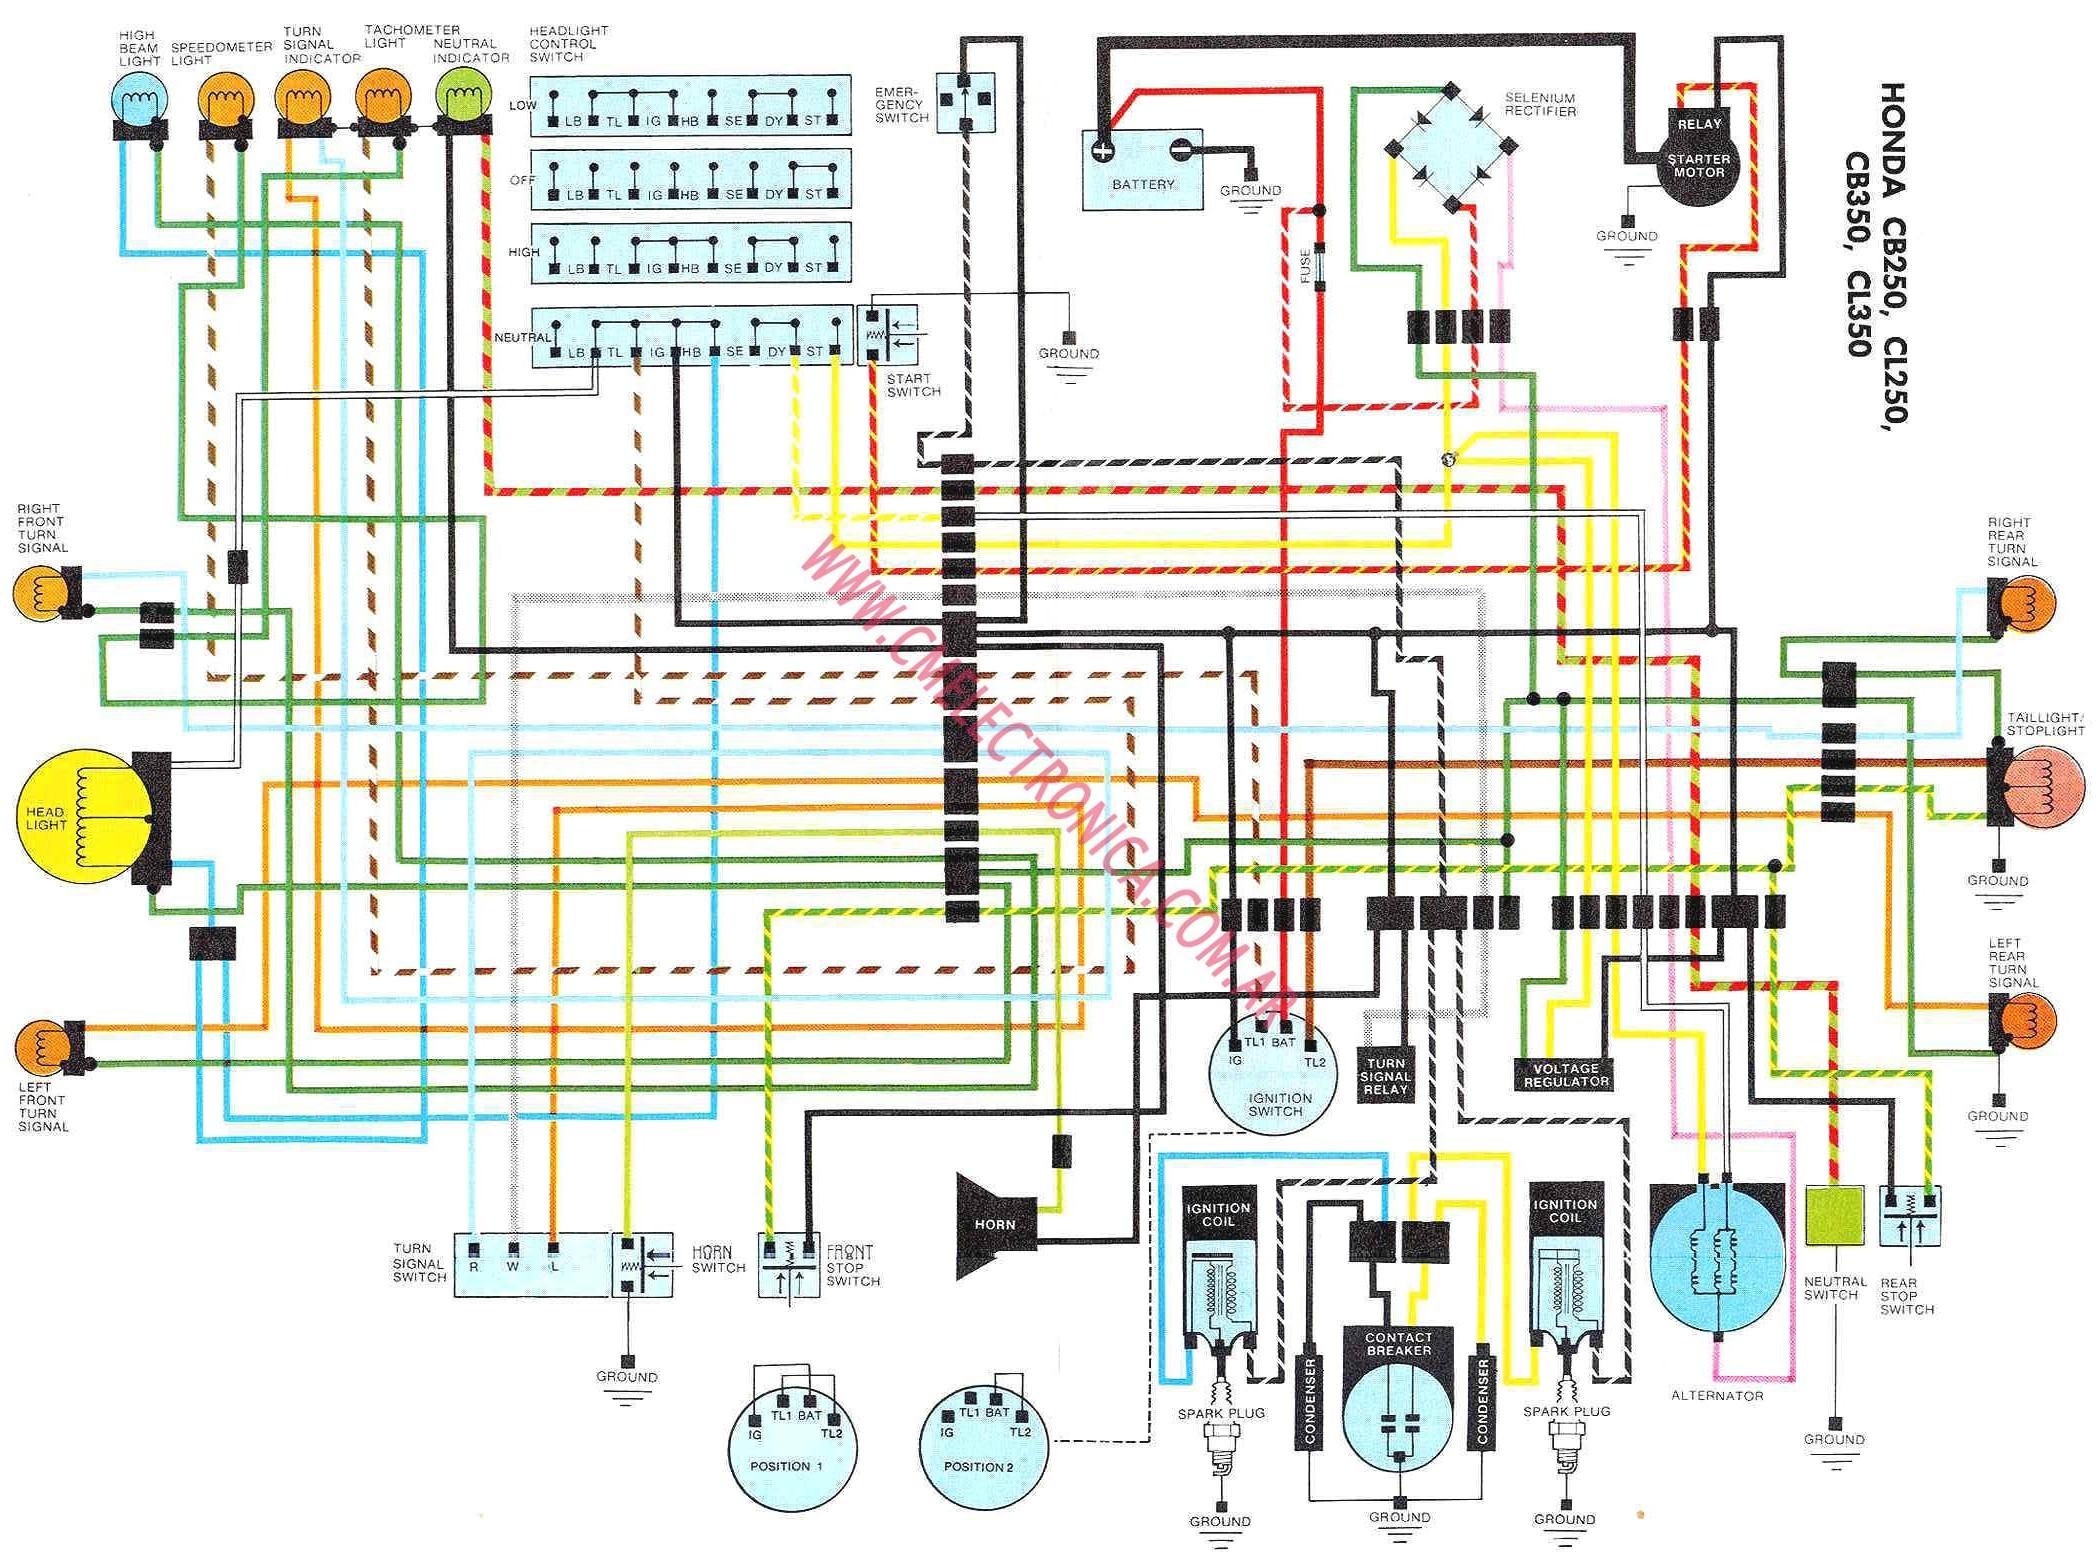 1962 cadillac wiring diagram old delco remy voltage regulator, Wiring diagram